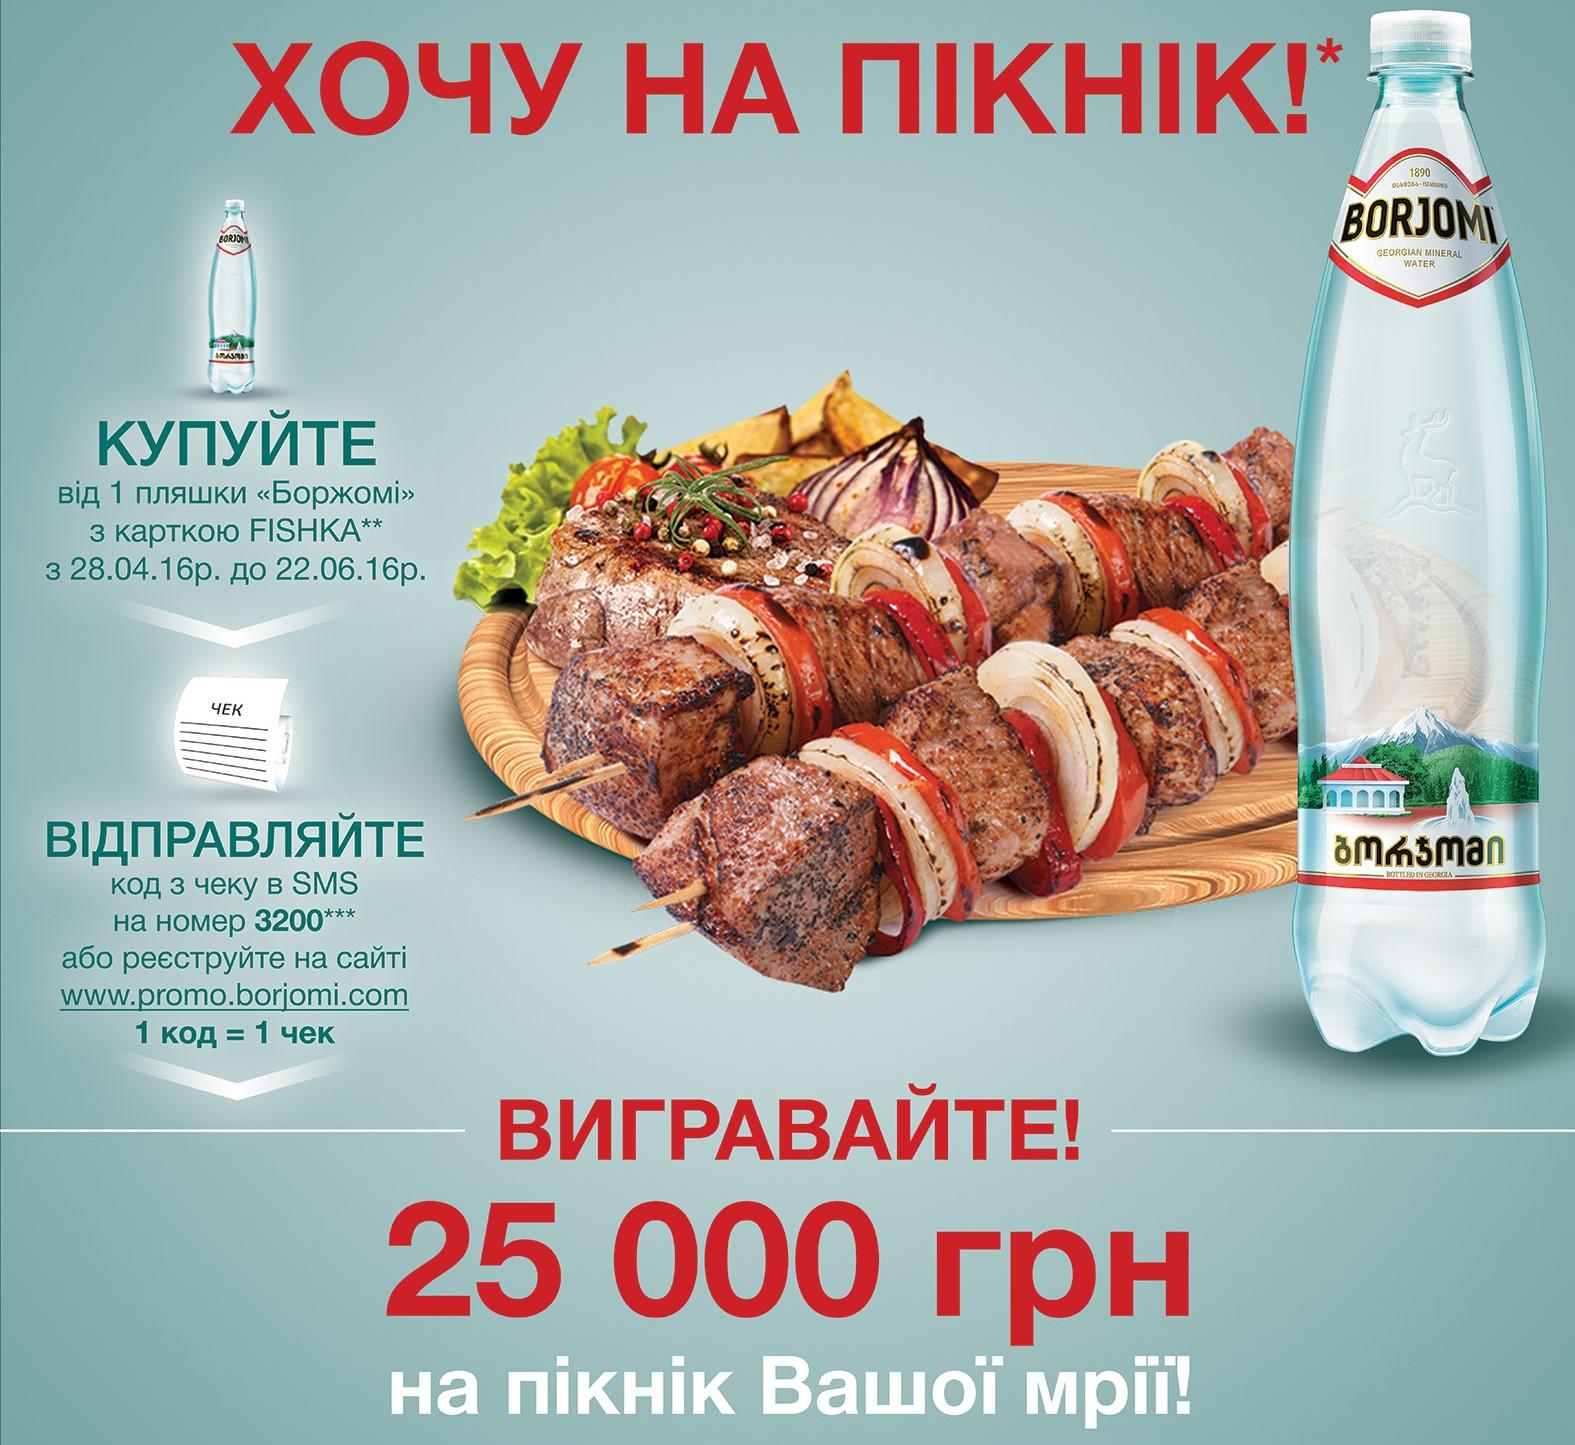 Пикник вашей мечты вместе с Borjomi и «ОККО» 1